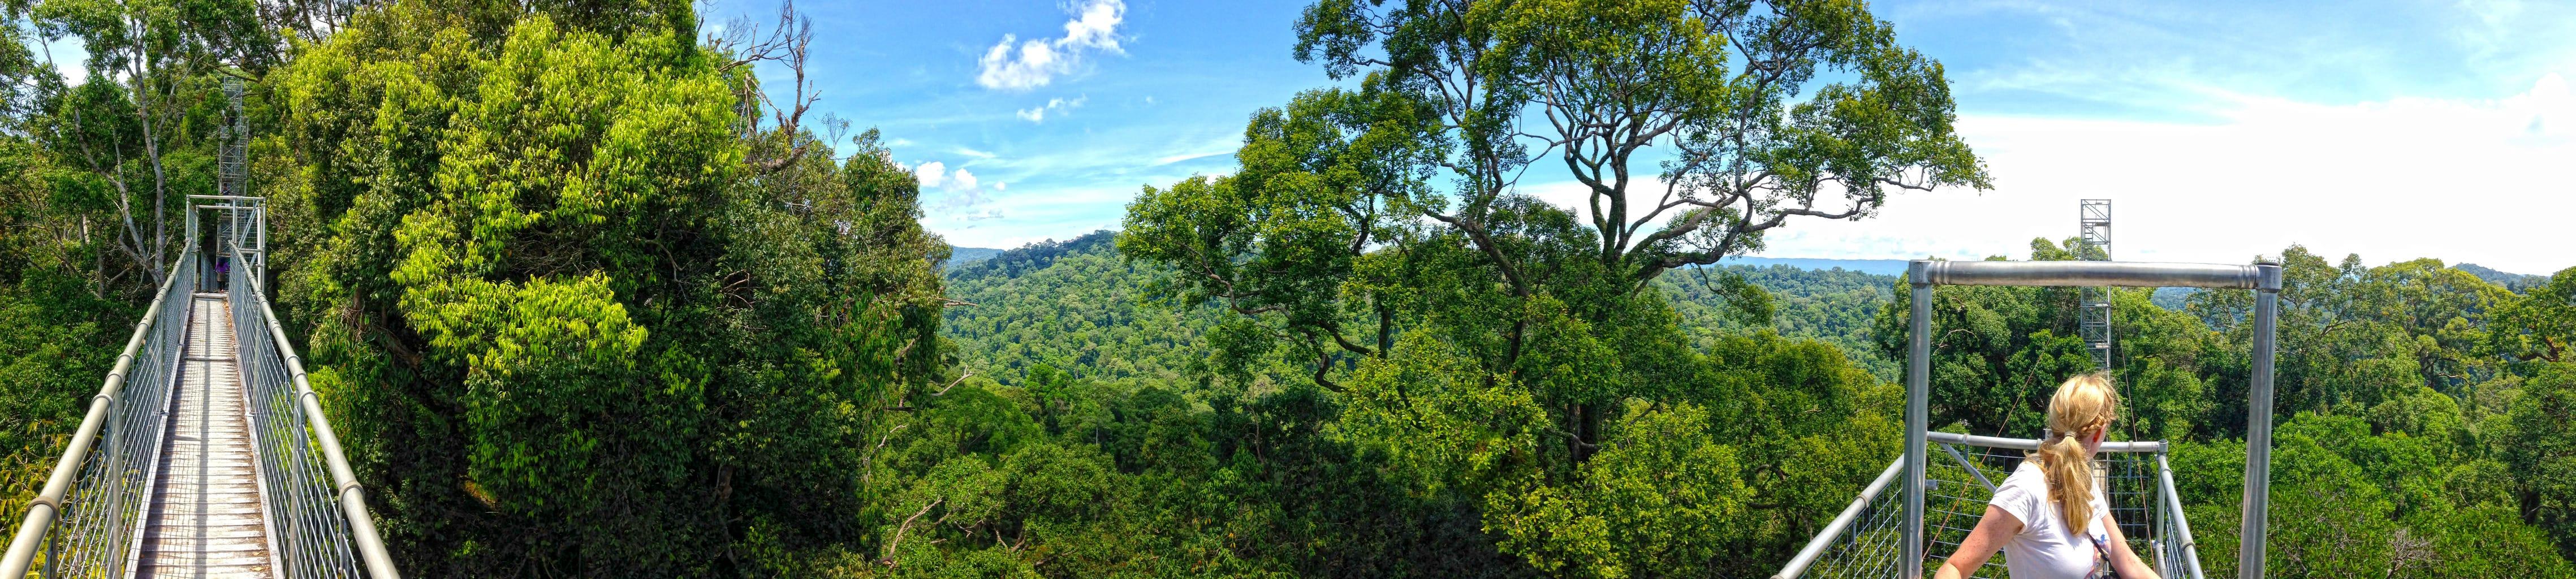 Panoramic shot from the bridge